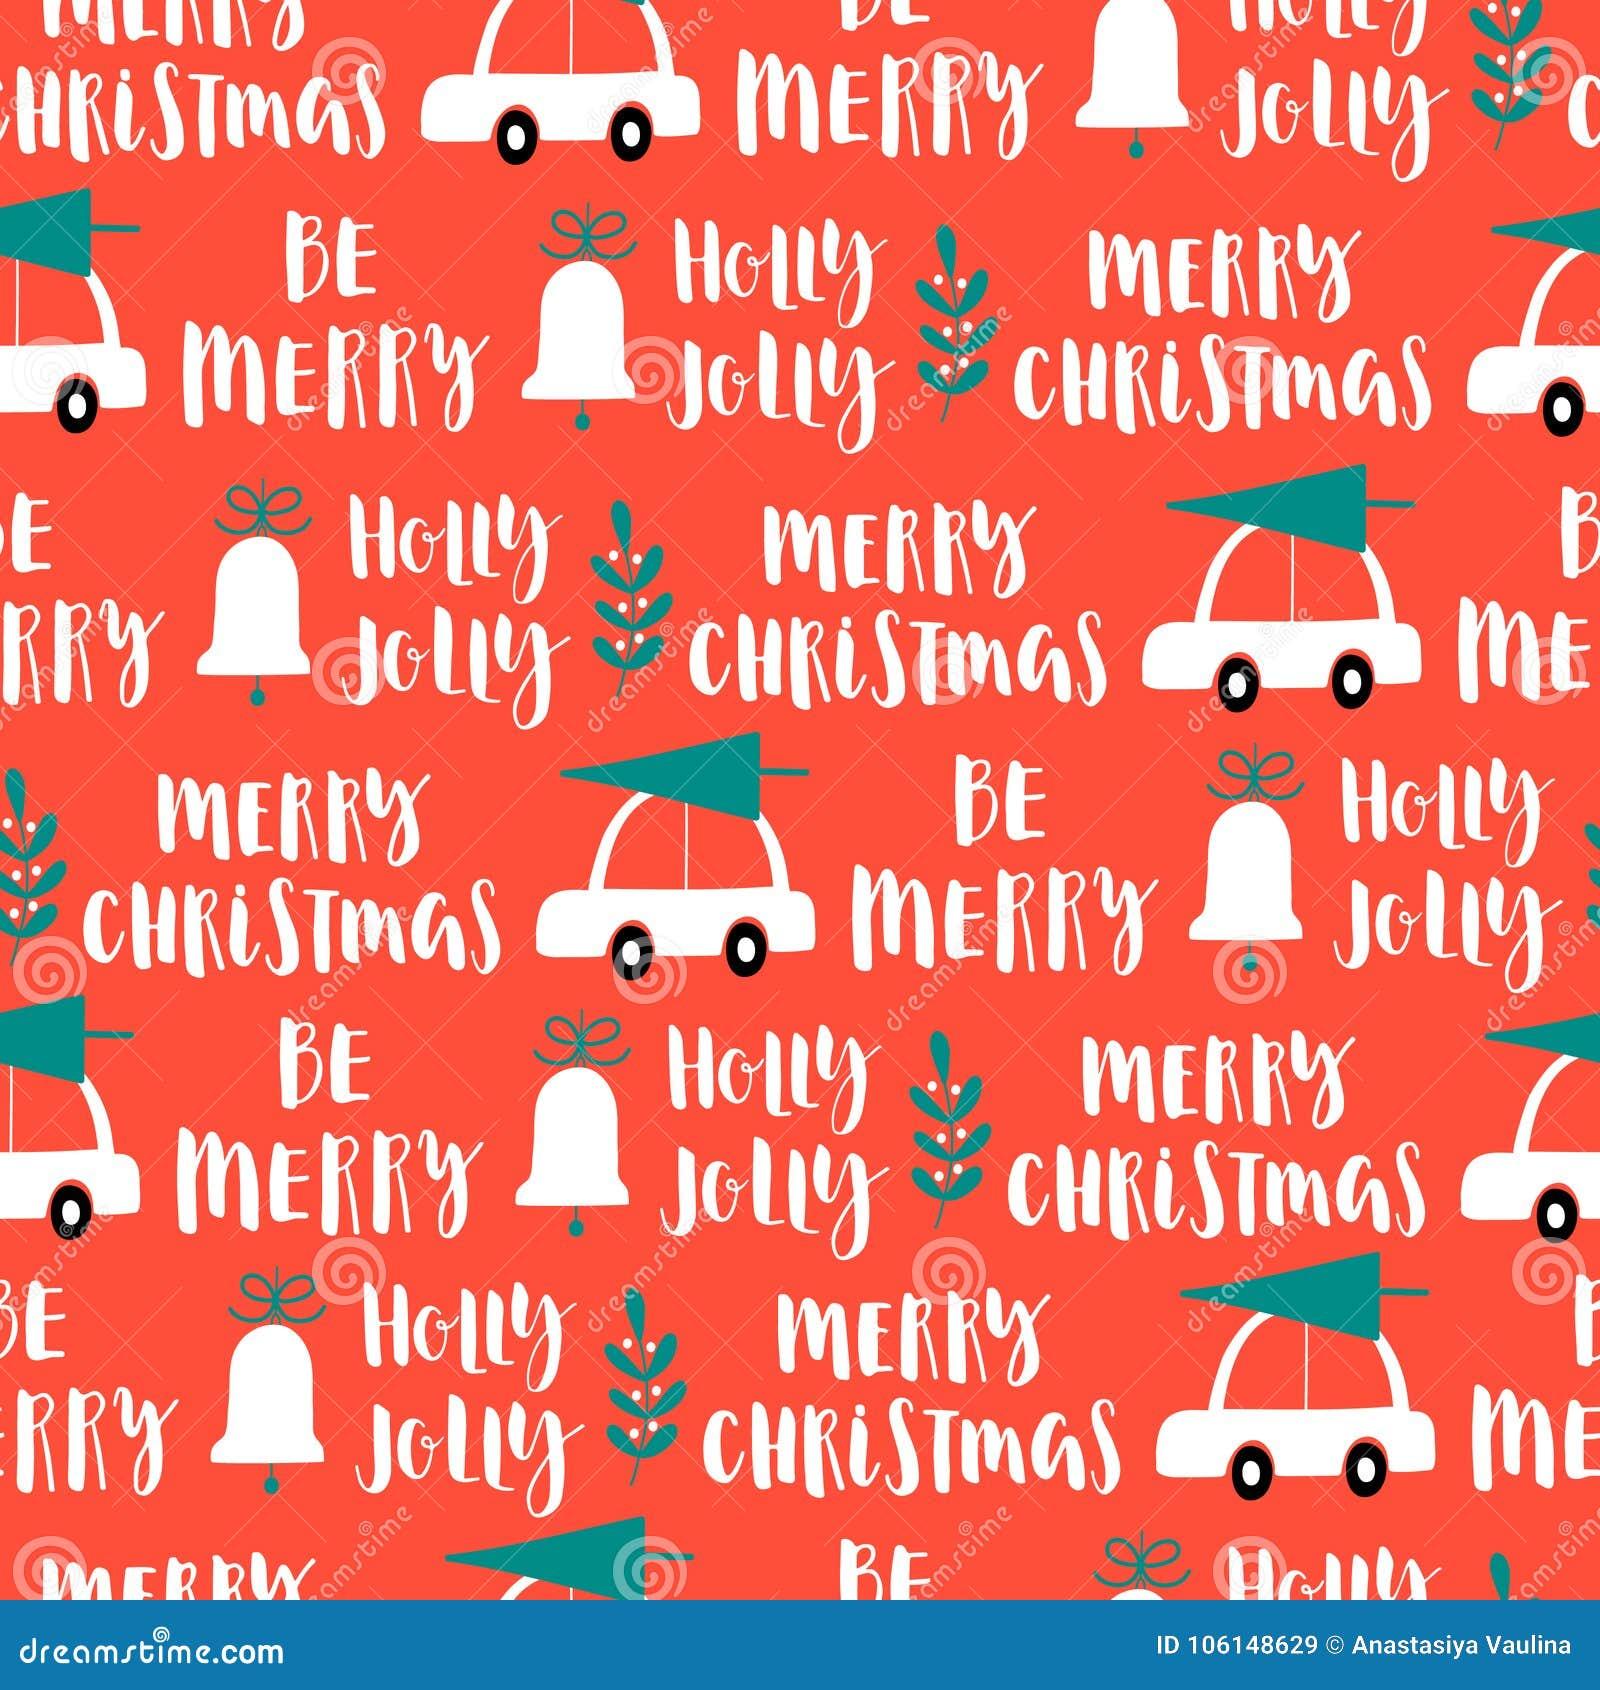 Διανυσματικό άνευ ραφής σχέδιο λέξεων Χριστουγέννων στο κόκκινο υπόβαθρο